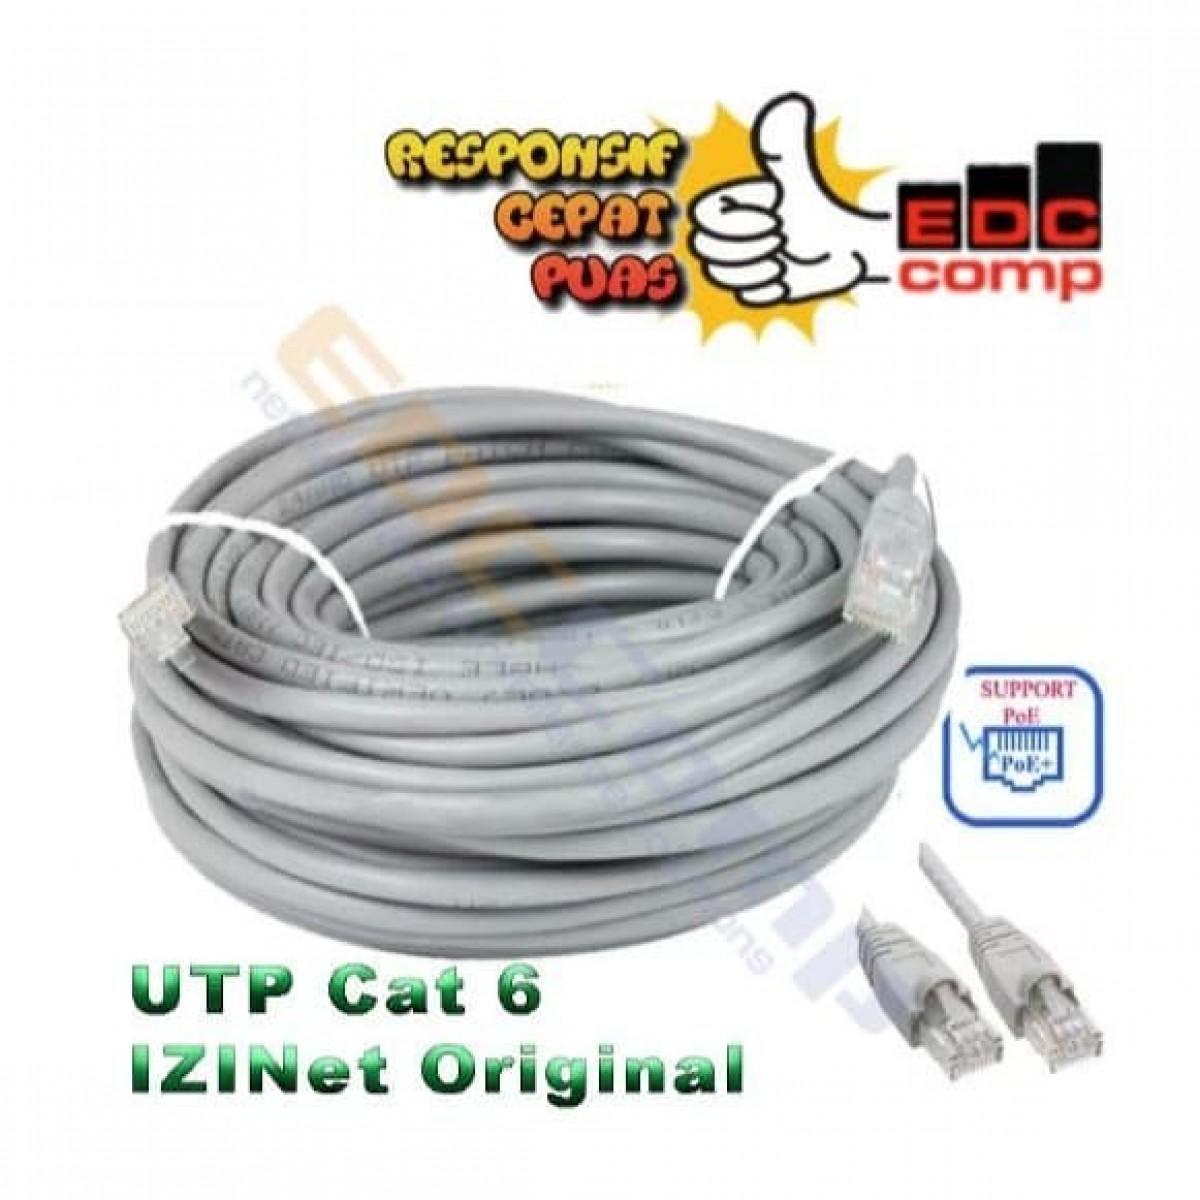 Kabel IZINET UTP Cat6 / Cable Izinet Cat6 45 Meter - EdcComp